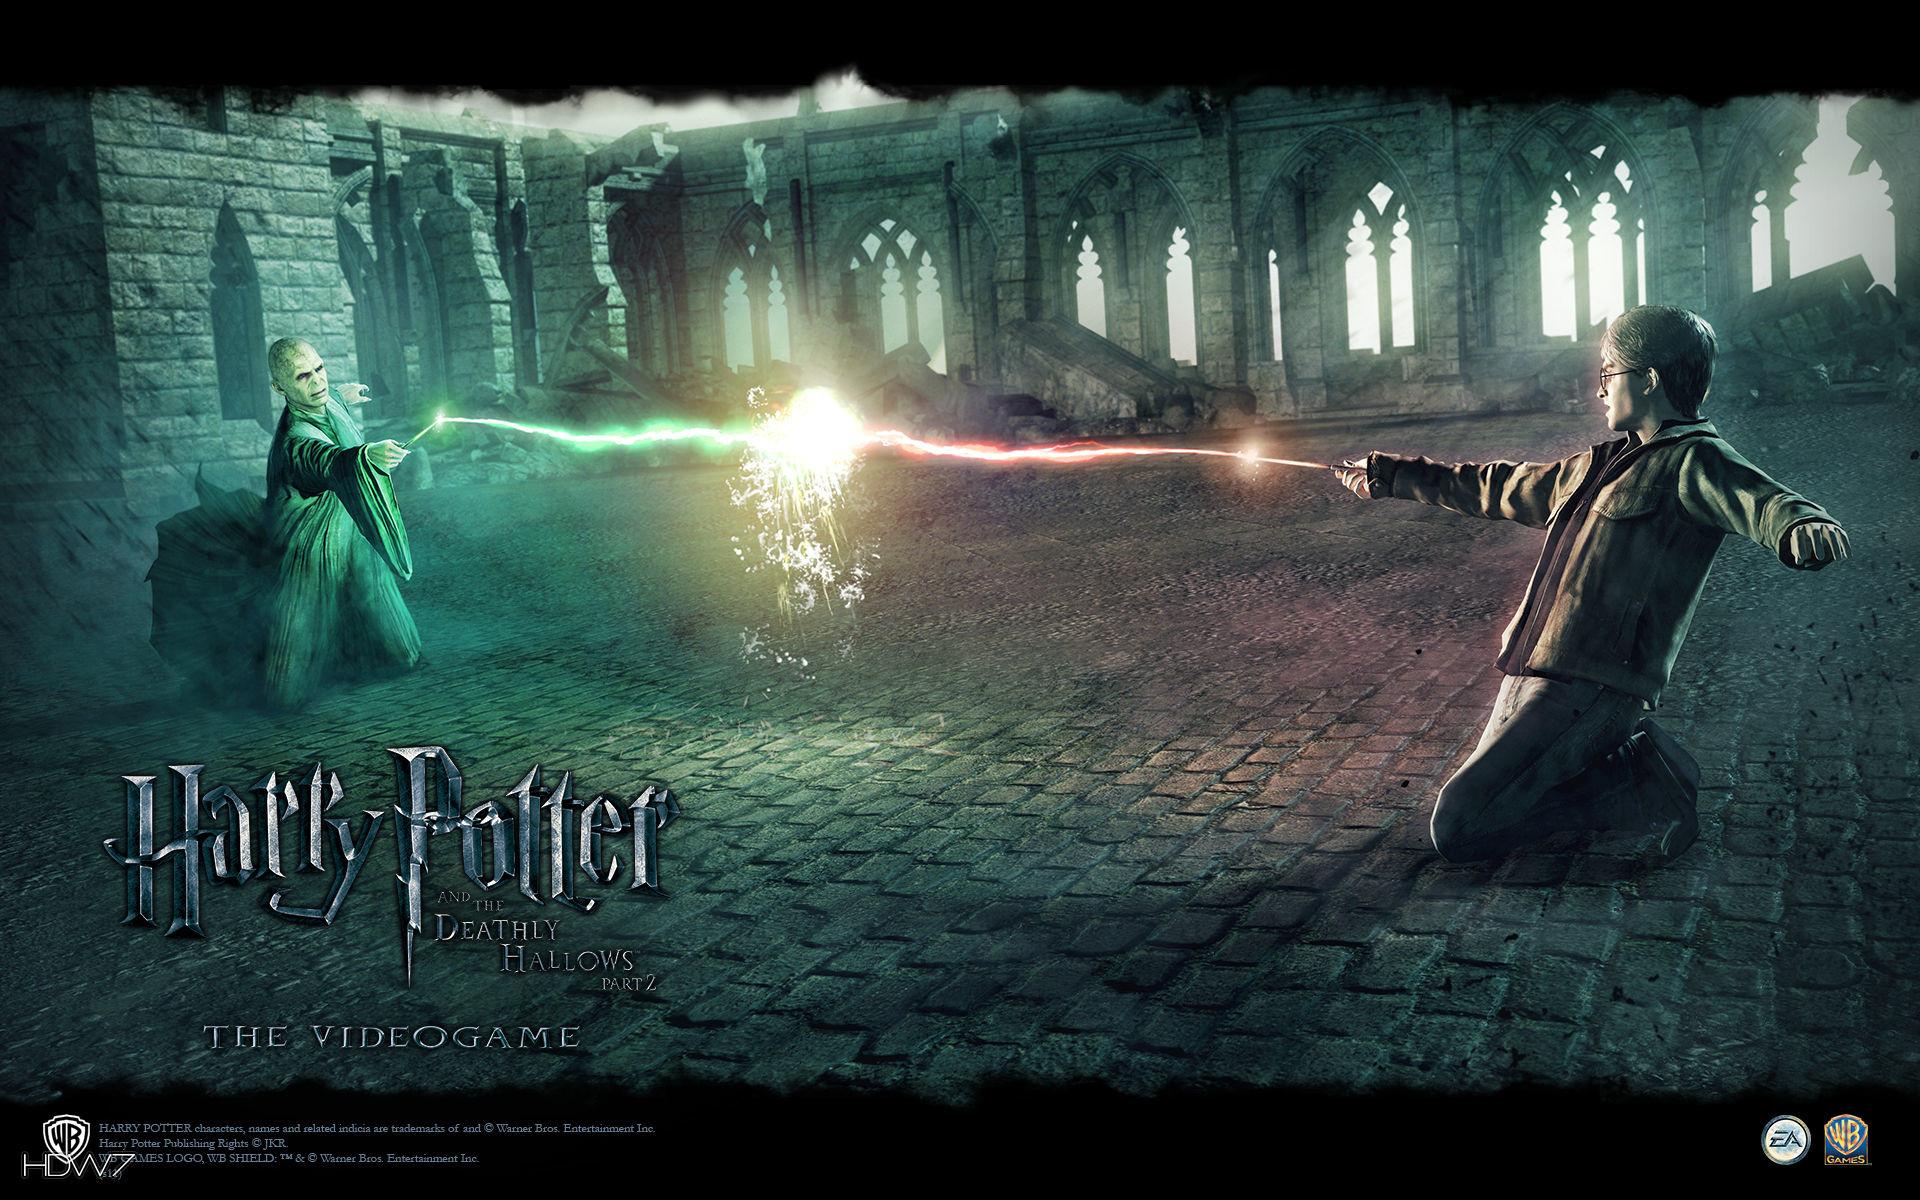 Download Wallpaper Harry Potter 1080p - 714504-download-voldemort-wallpapers-1920x1200-for-hd-1080p  Snapshot_475858.jpg